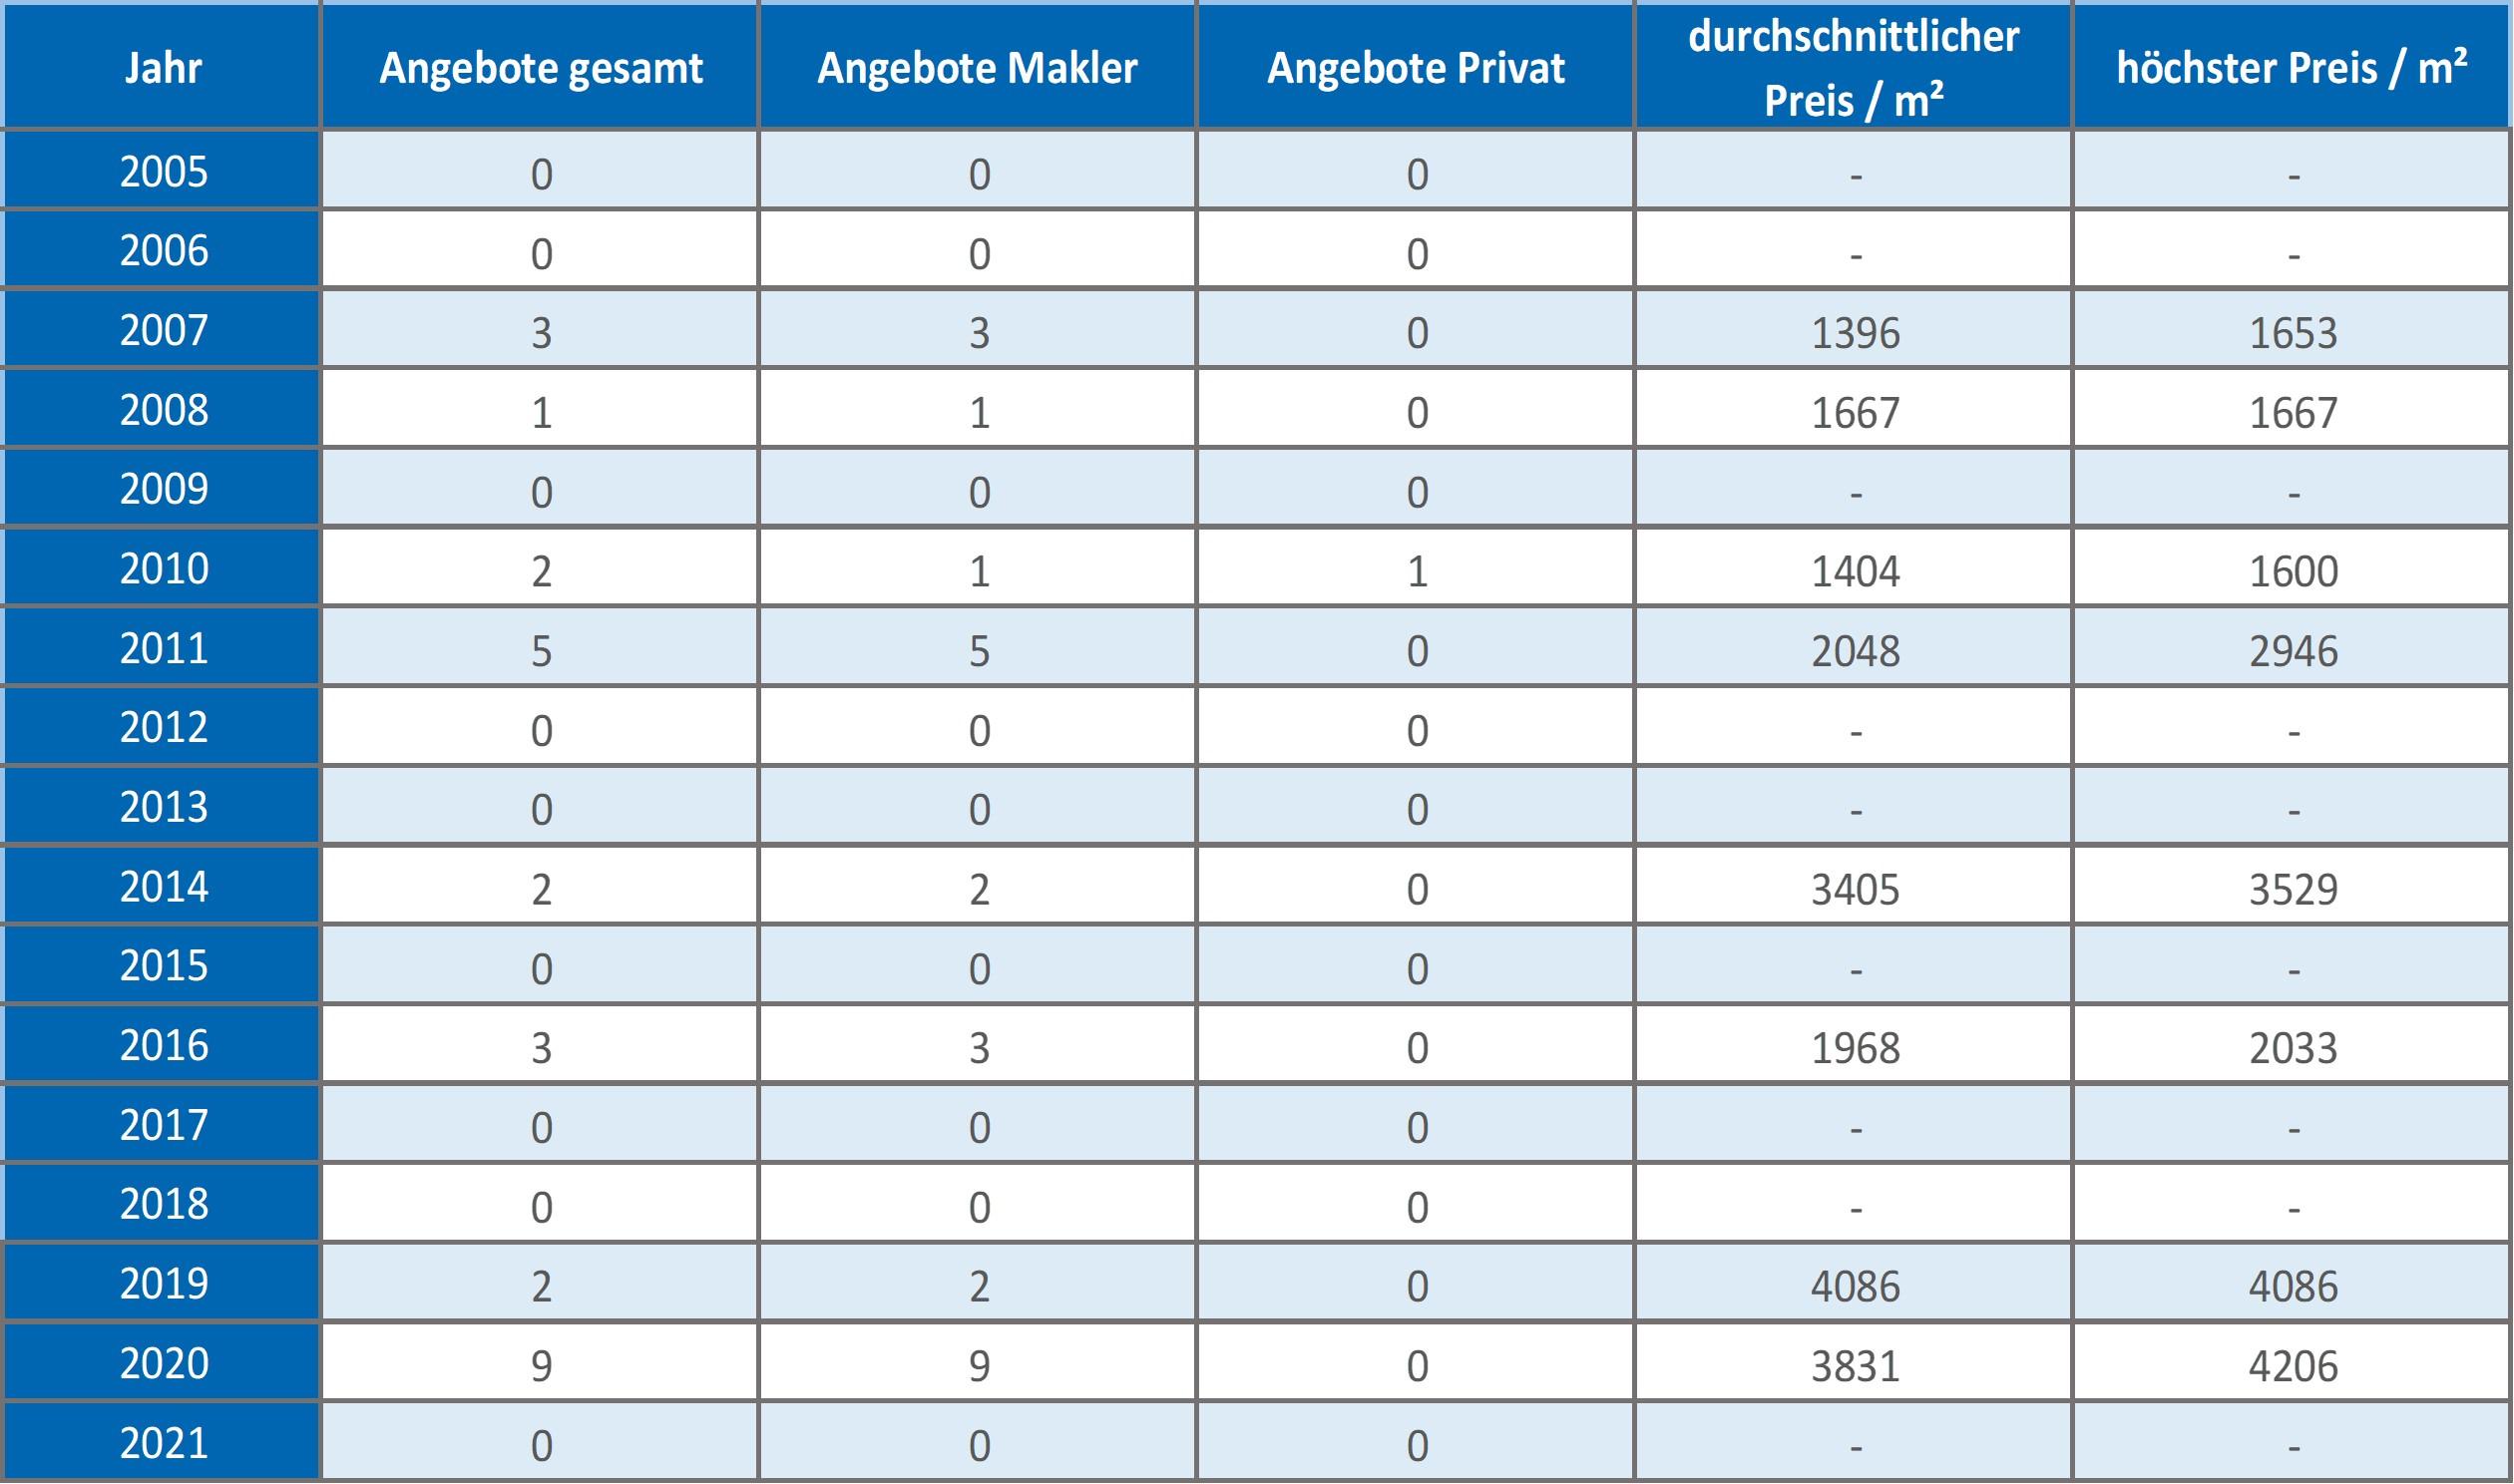 Egmating MehrfamilienHaus kaufen verkaufen Preis Bewertung Makler 2019 2020 2021 www.happy-immo.de